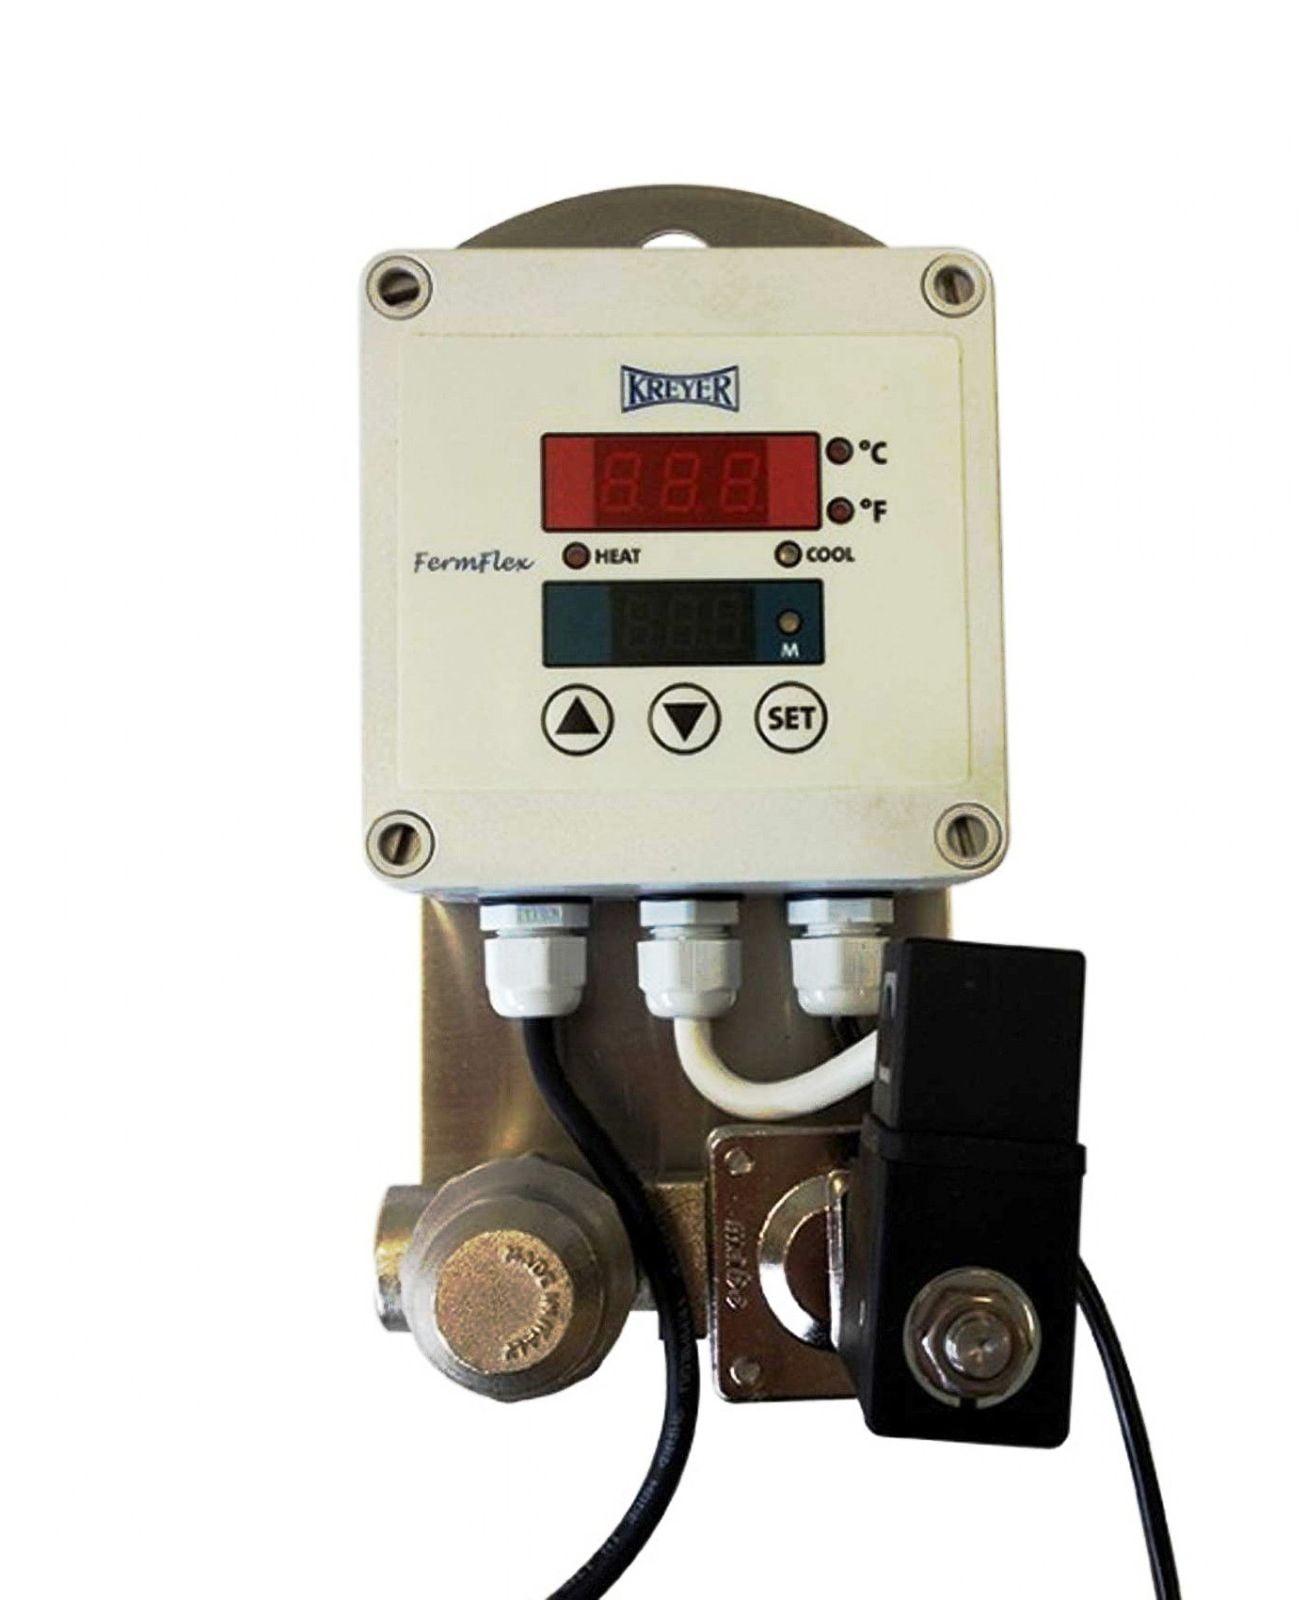 терморегулятор SPEIDEL FermFlex для баков-ферментеров FD_1